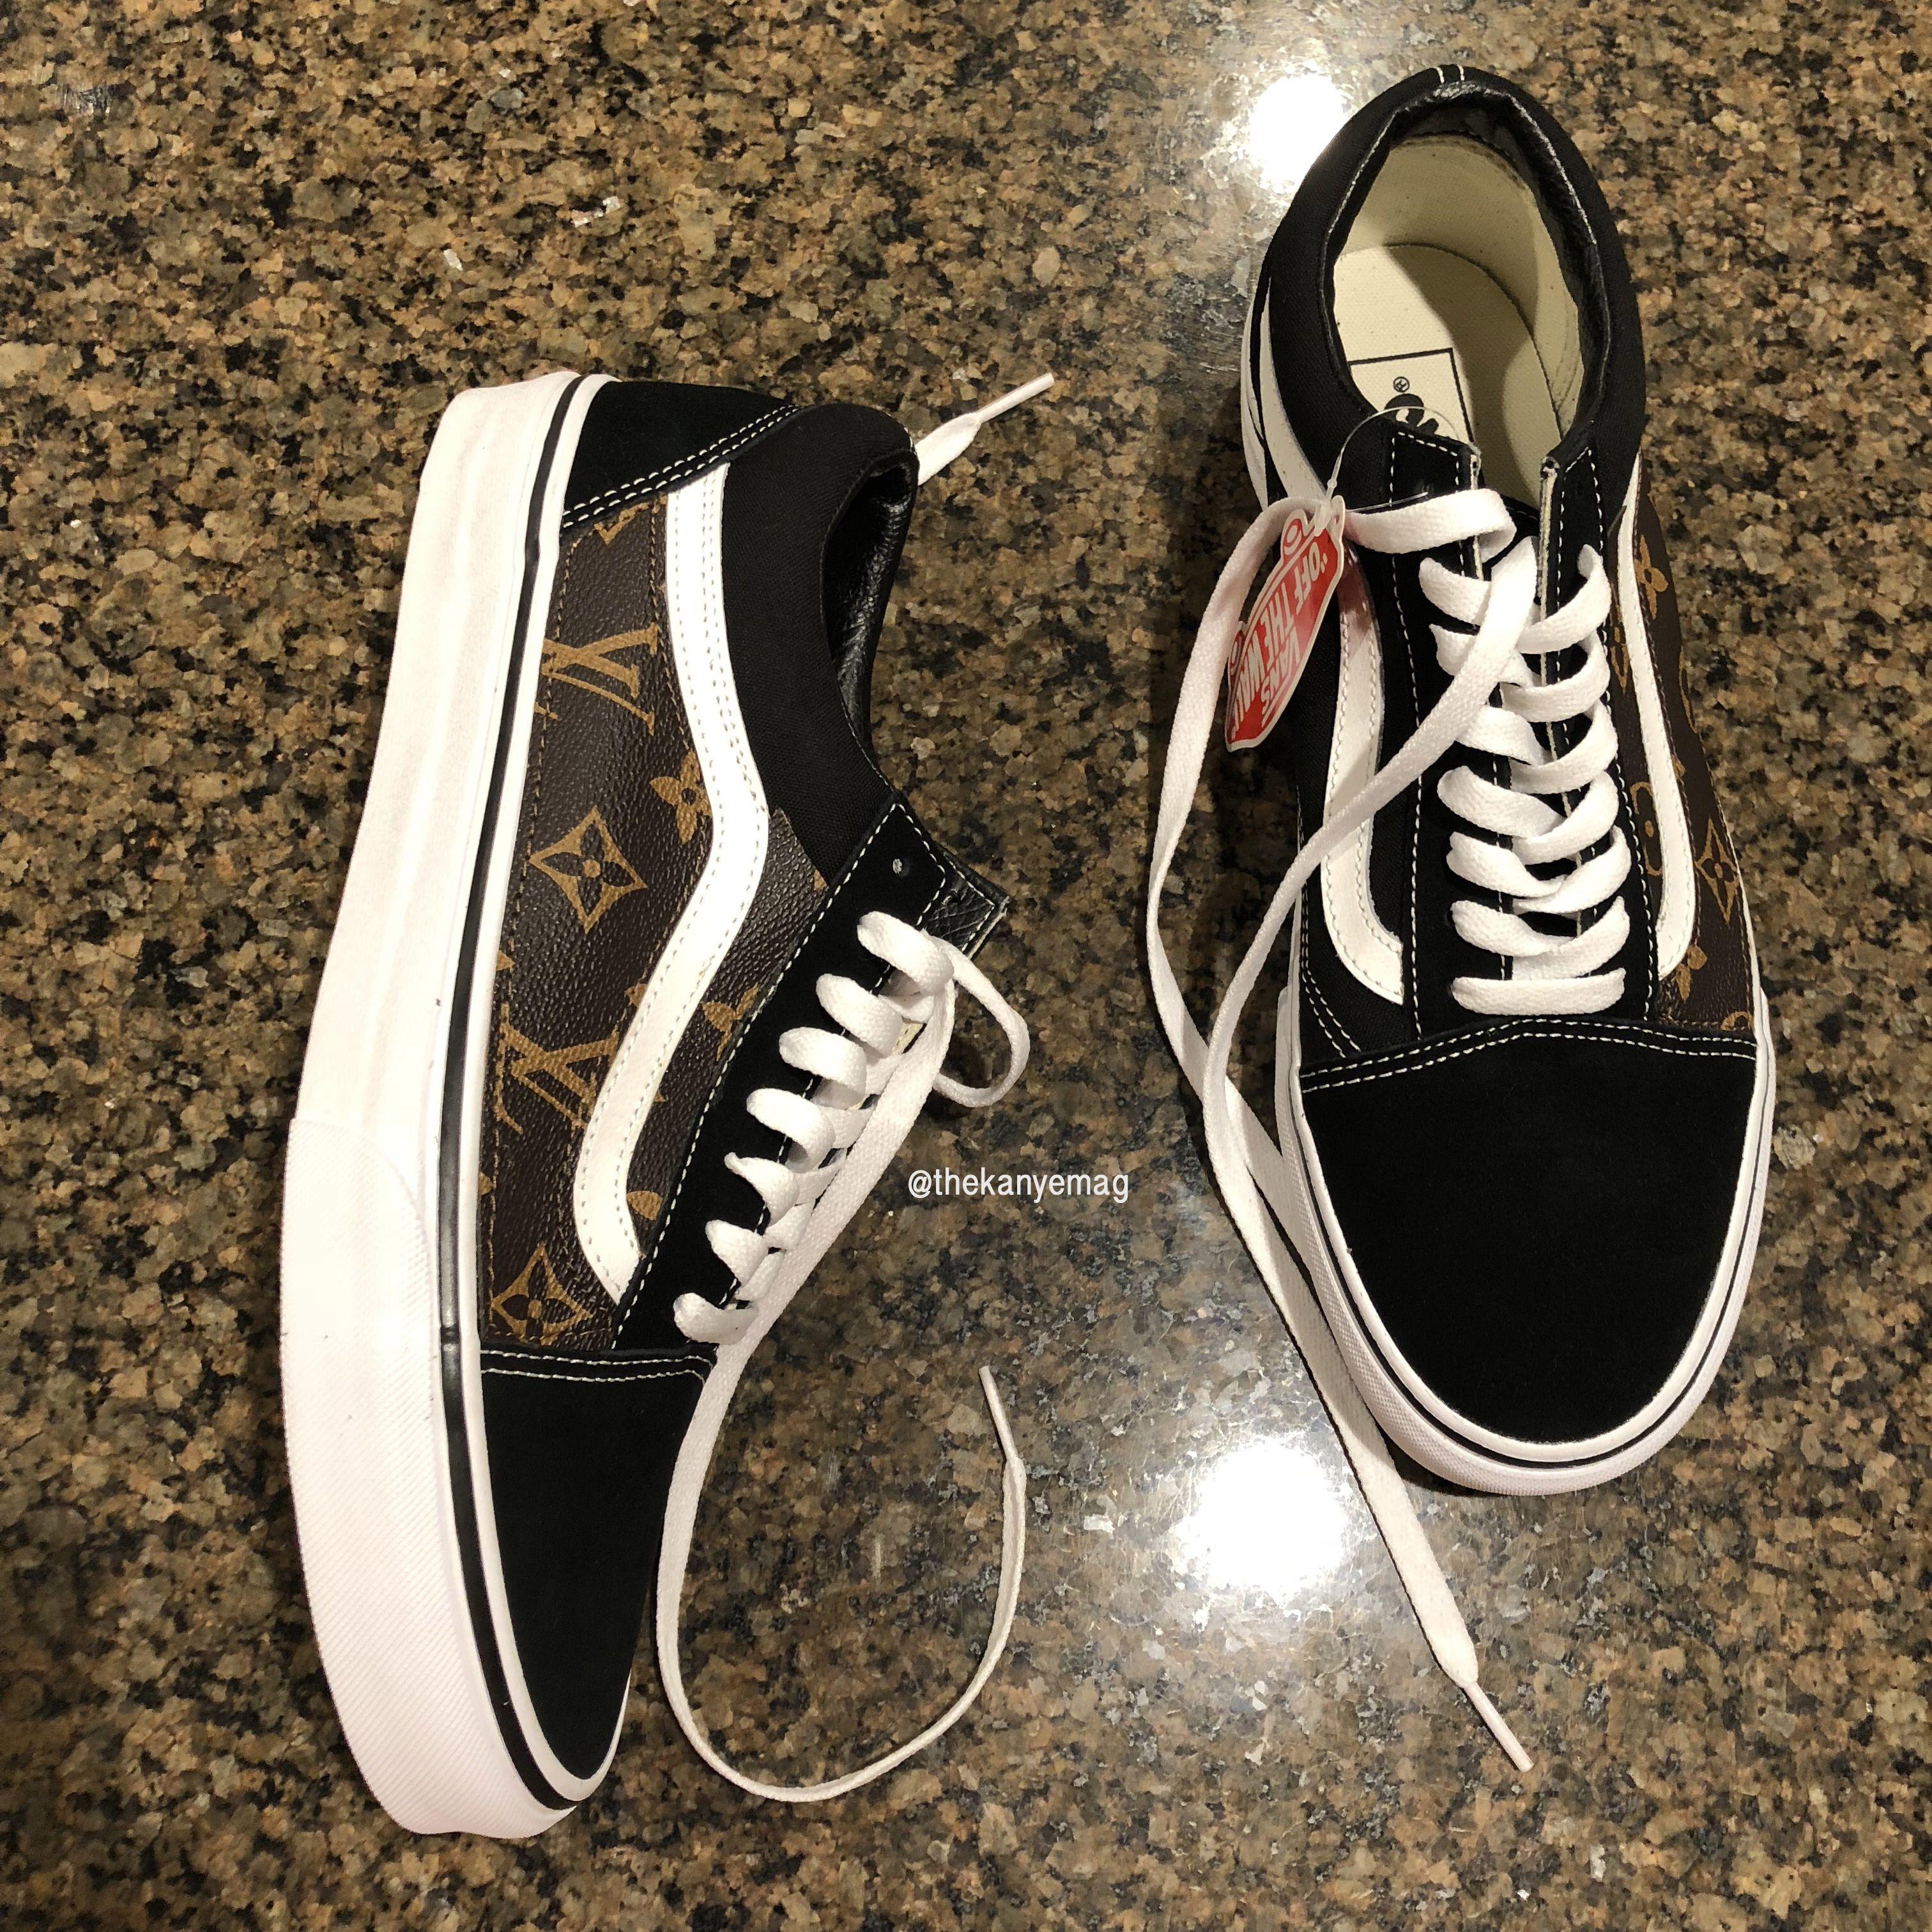 Vans old skool, Mens vans shoes